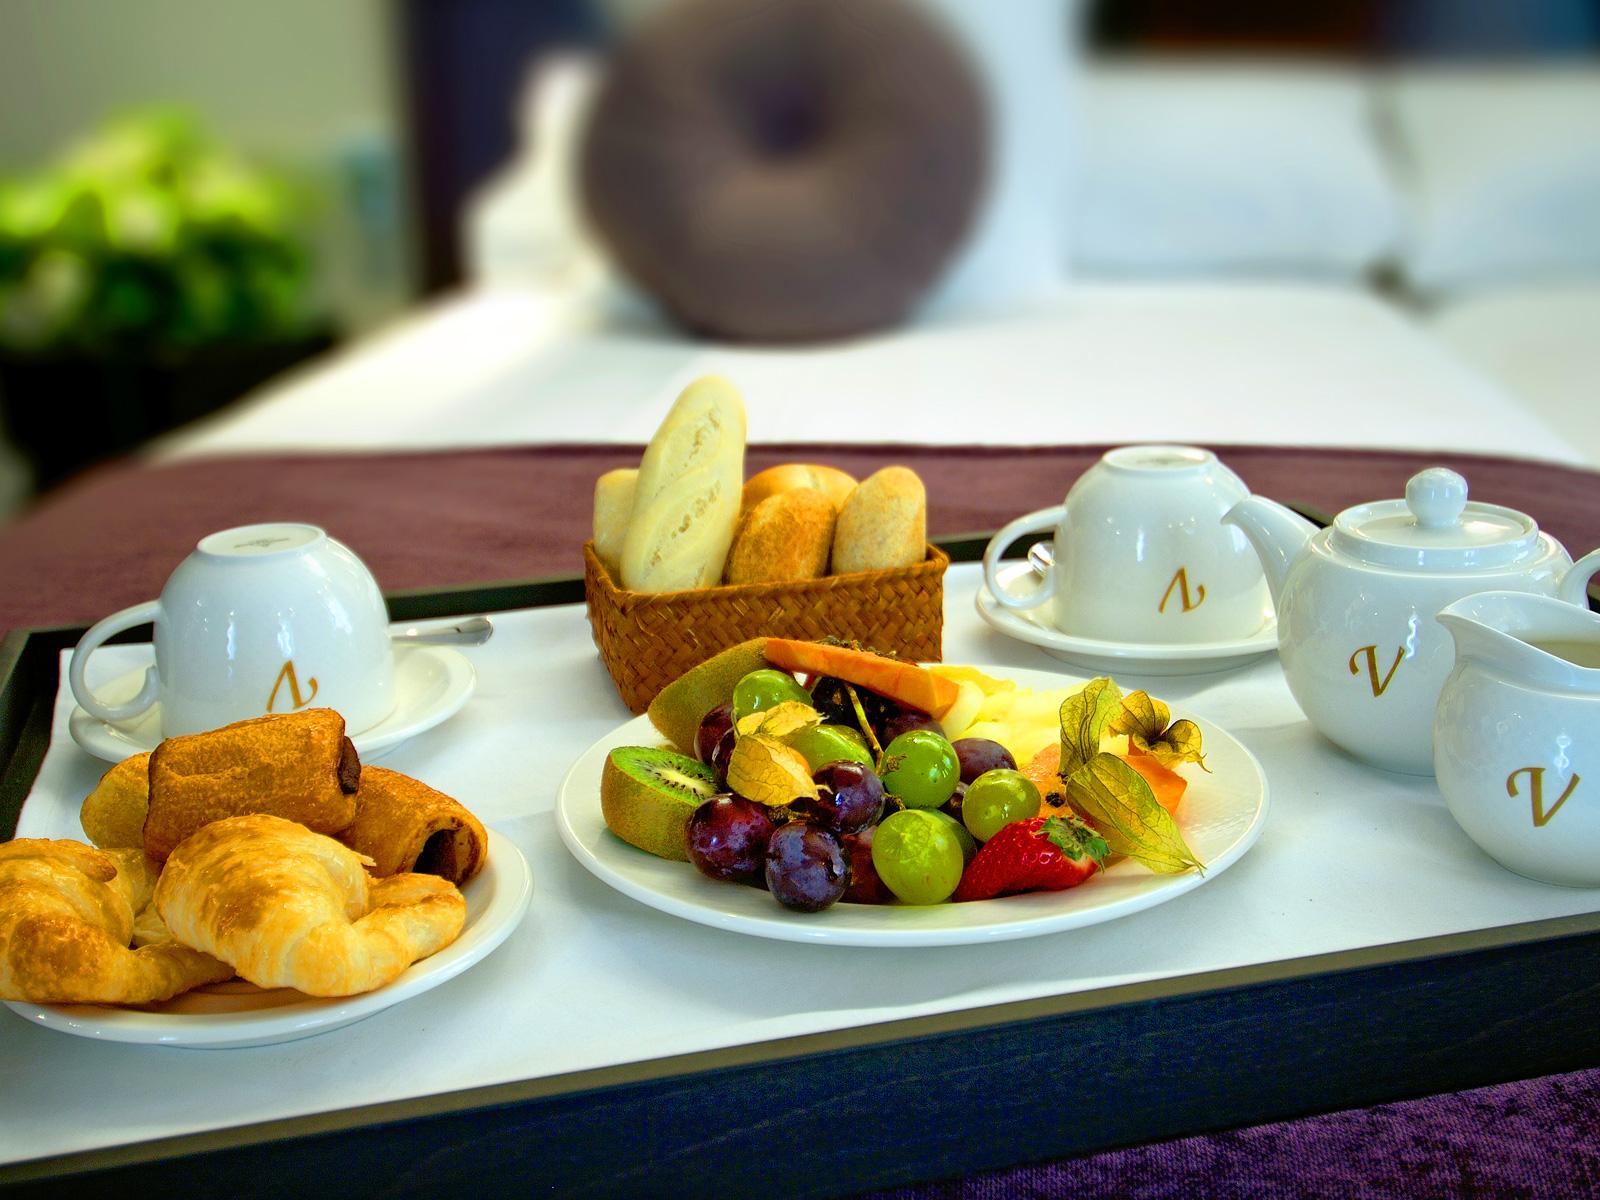 Desayuno Habitación - Vincci Palace 4*